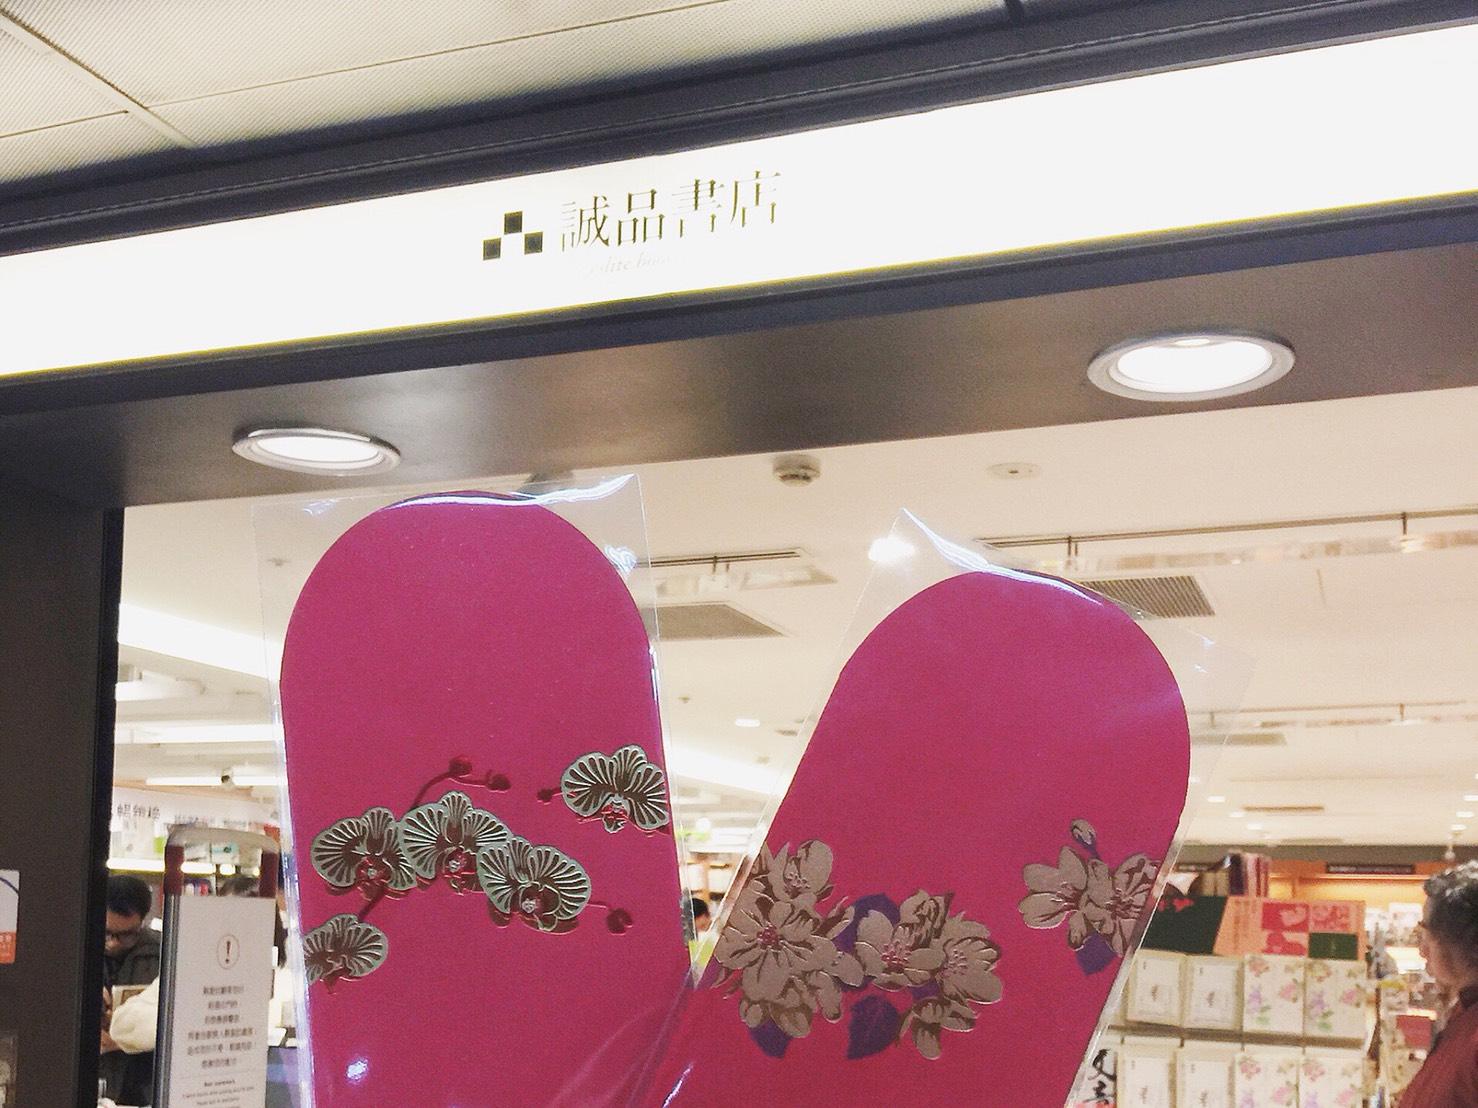 ※台湾では就職を終え、働き始めると、親にお年玉を渡すという風習があります。 ↑ 今年の紅包袋は誠品書店の「年花紅包袋」を購入、縁起のいい胡蝶蘭と花海棠を購入。